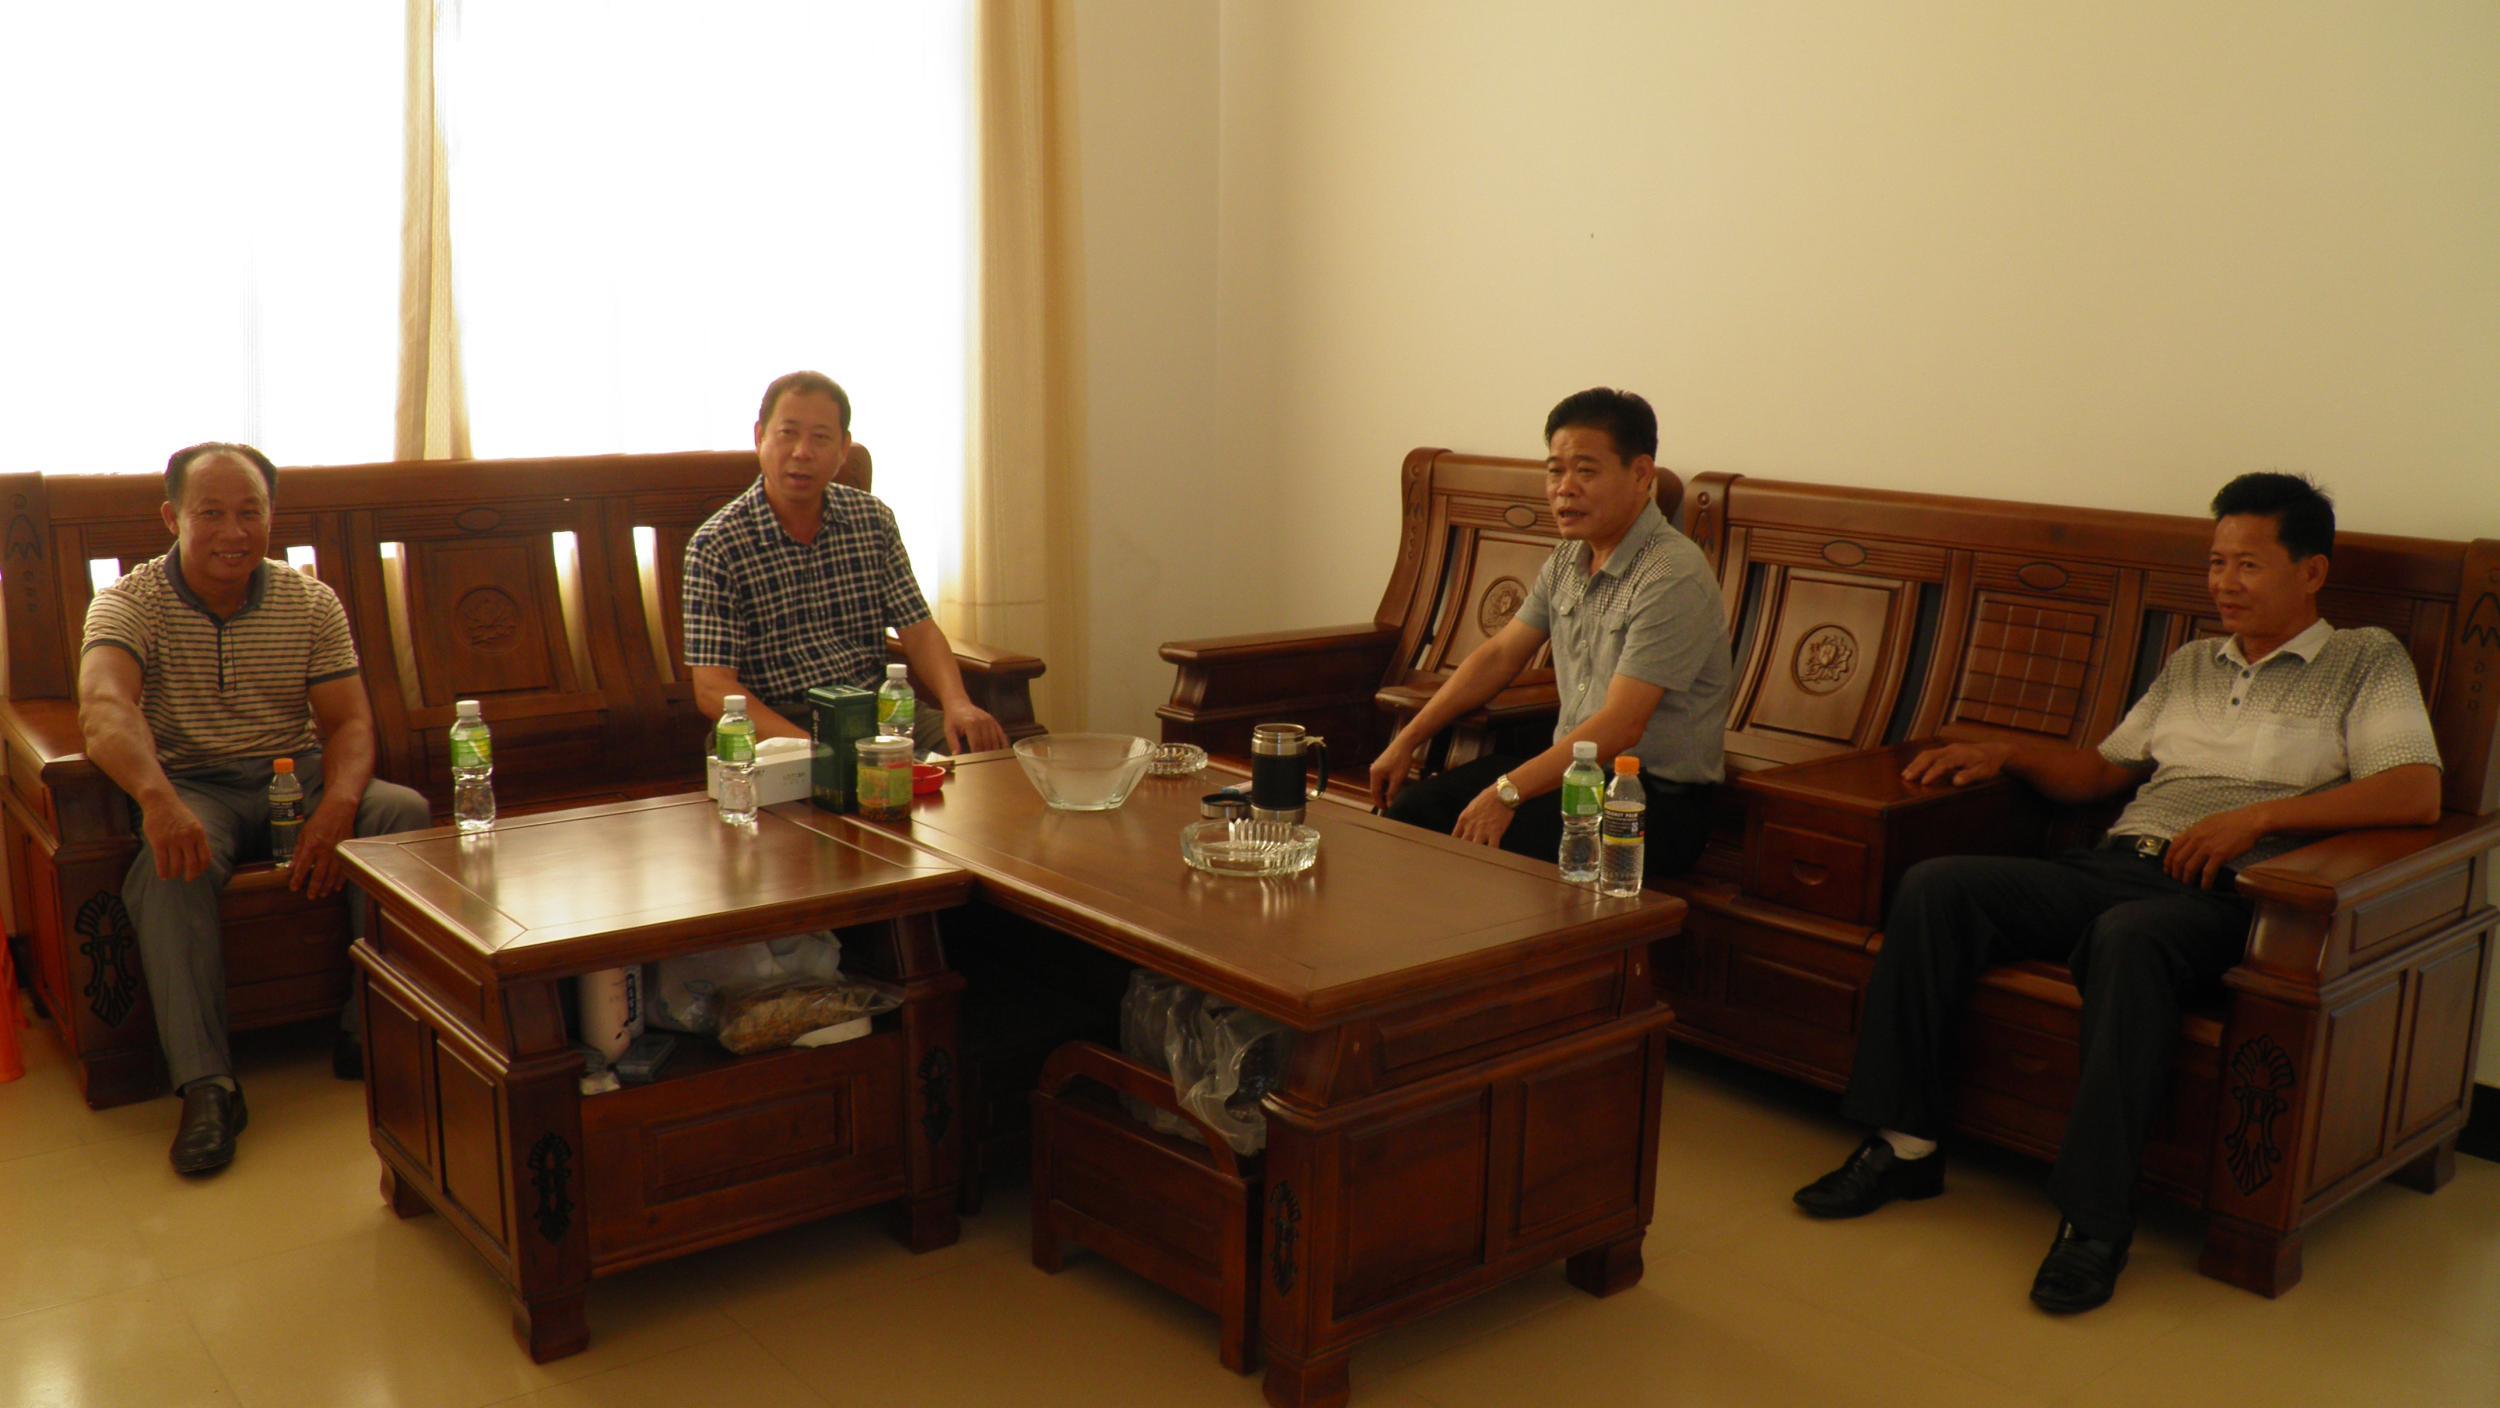 县热作局家具来到隆广指导菠萝蜜局长栽培工作产业有限公司沃华图片